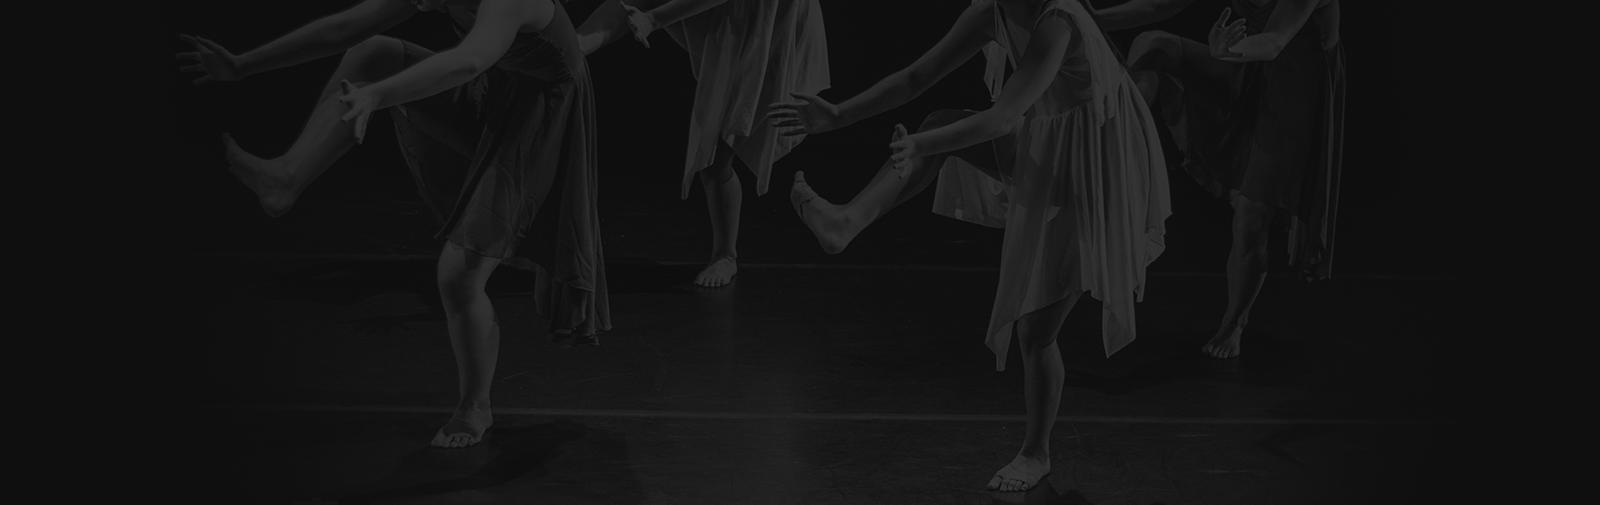 Bringing Dance Professionals Together.